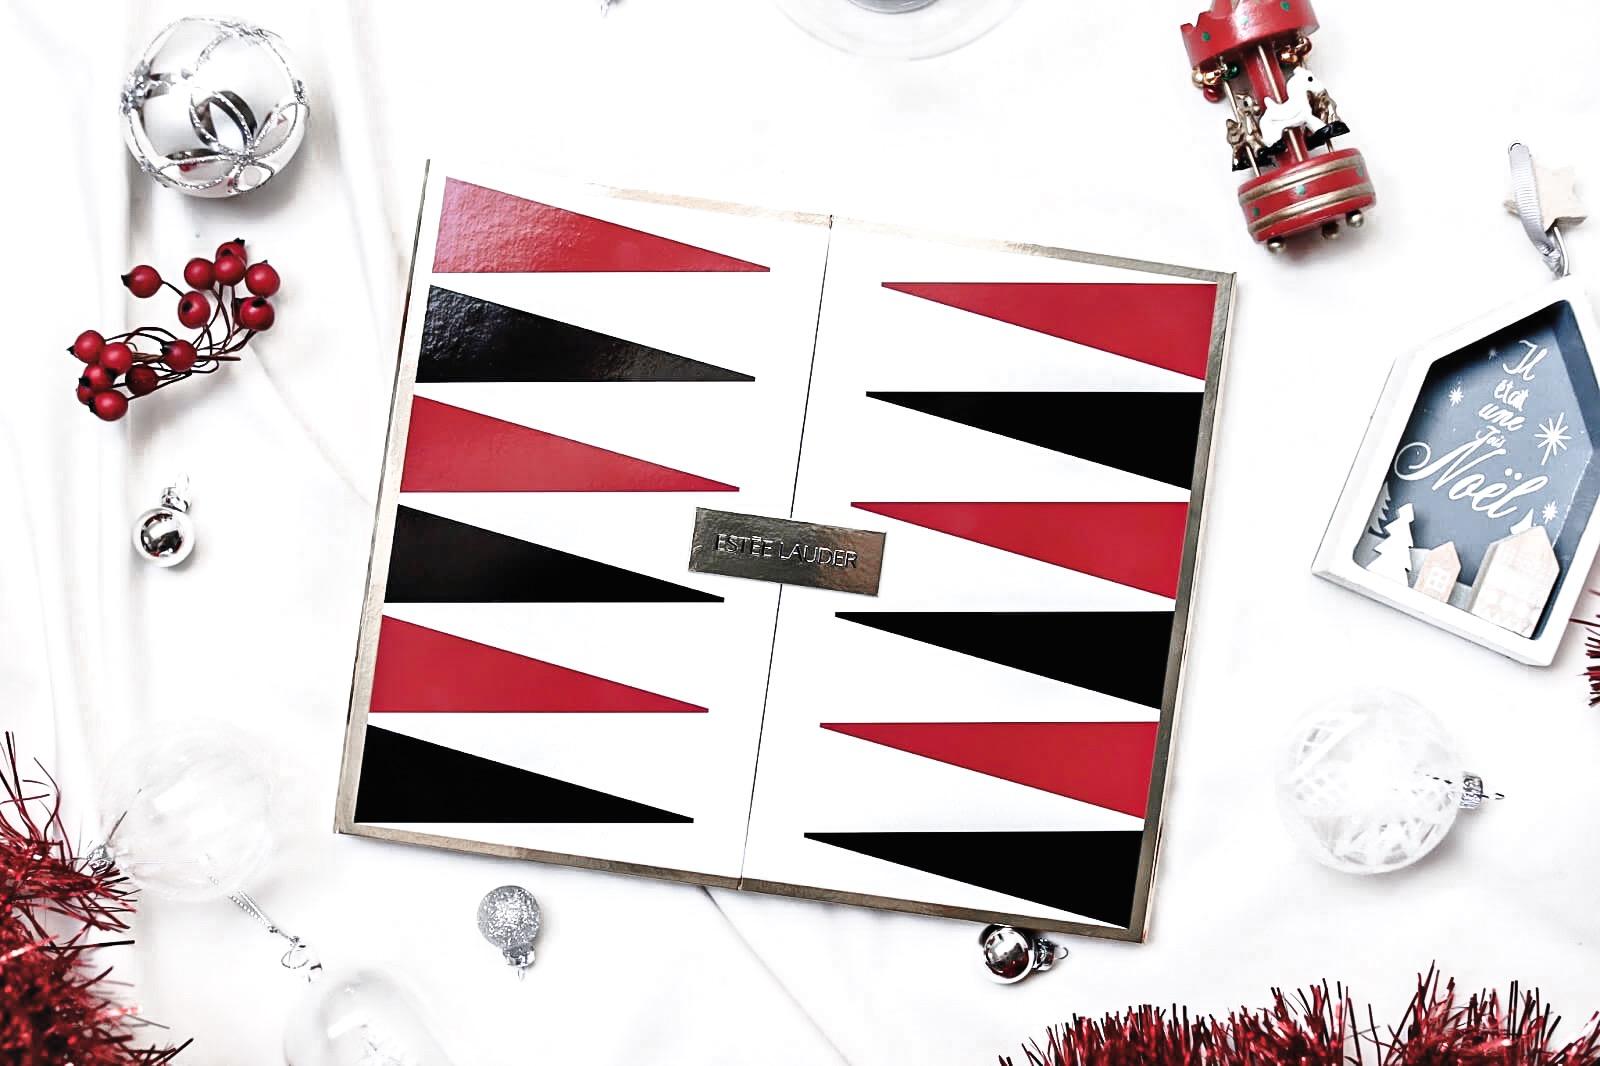 Estee Lauder Coffret portofolio Noel 2019